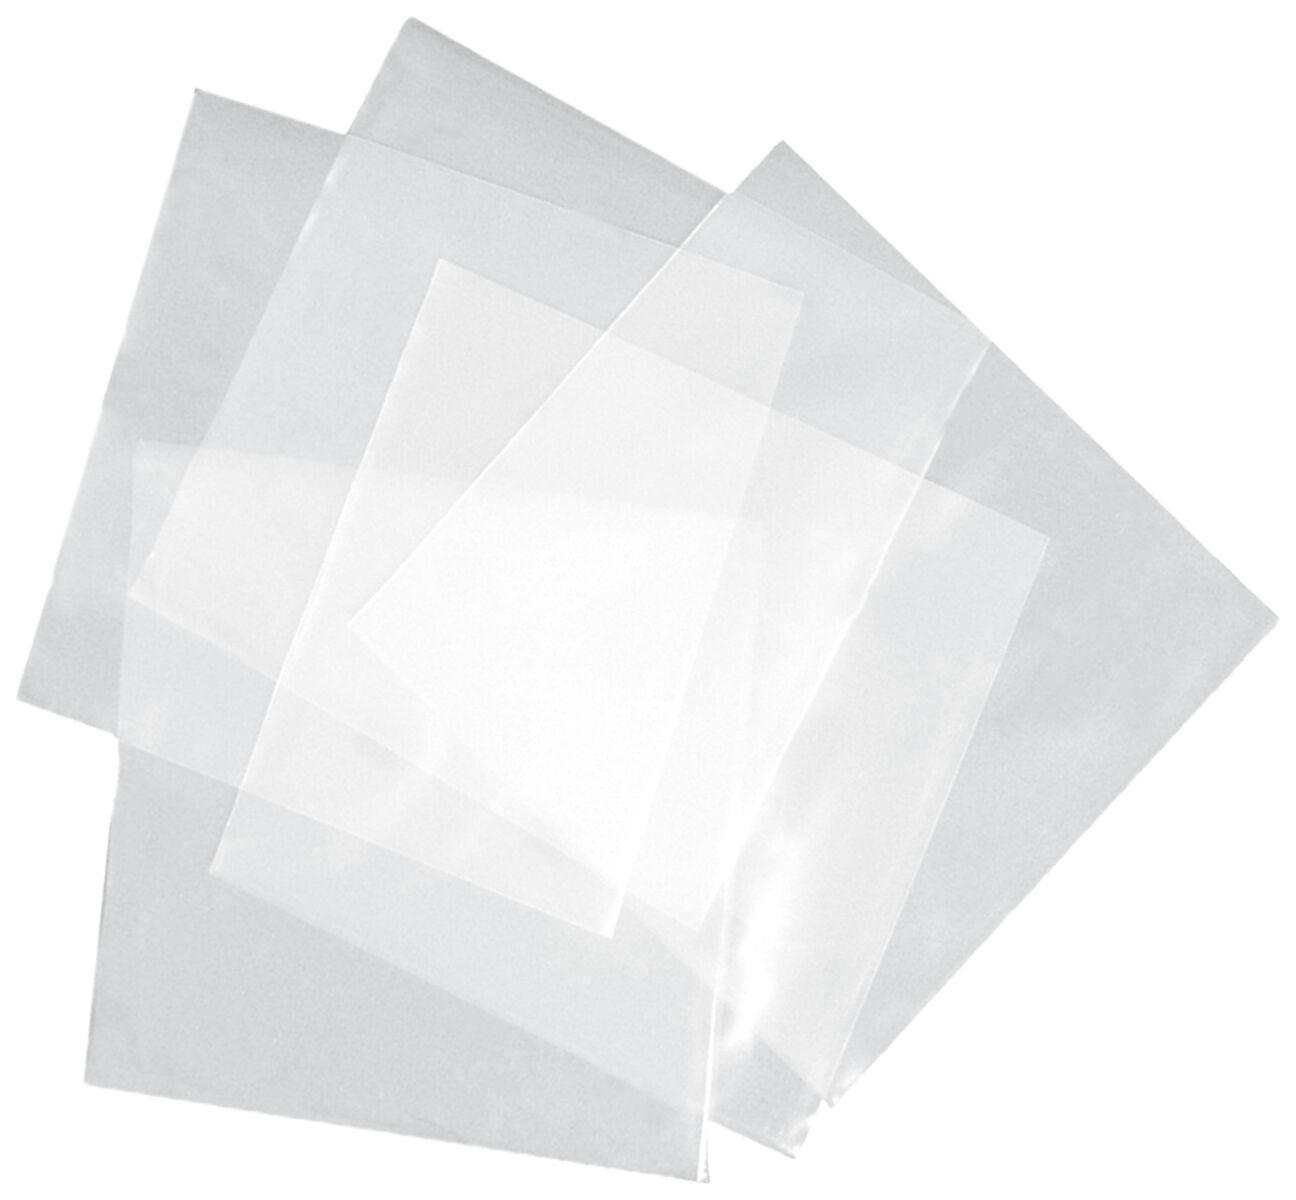 Vinyl-Schutzhüllen (100 Stück)   Schutzhülle  Standard